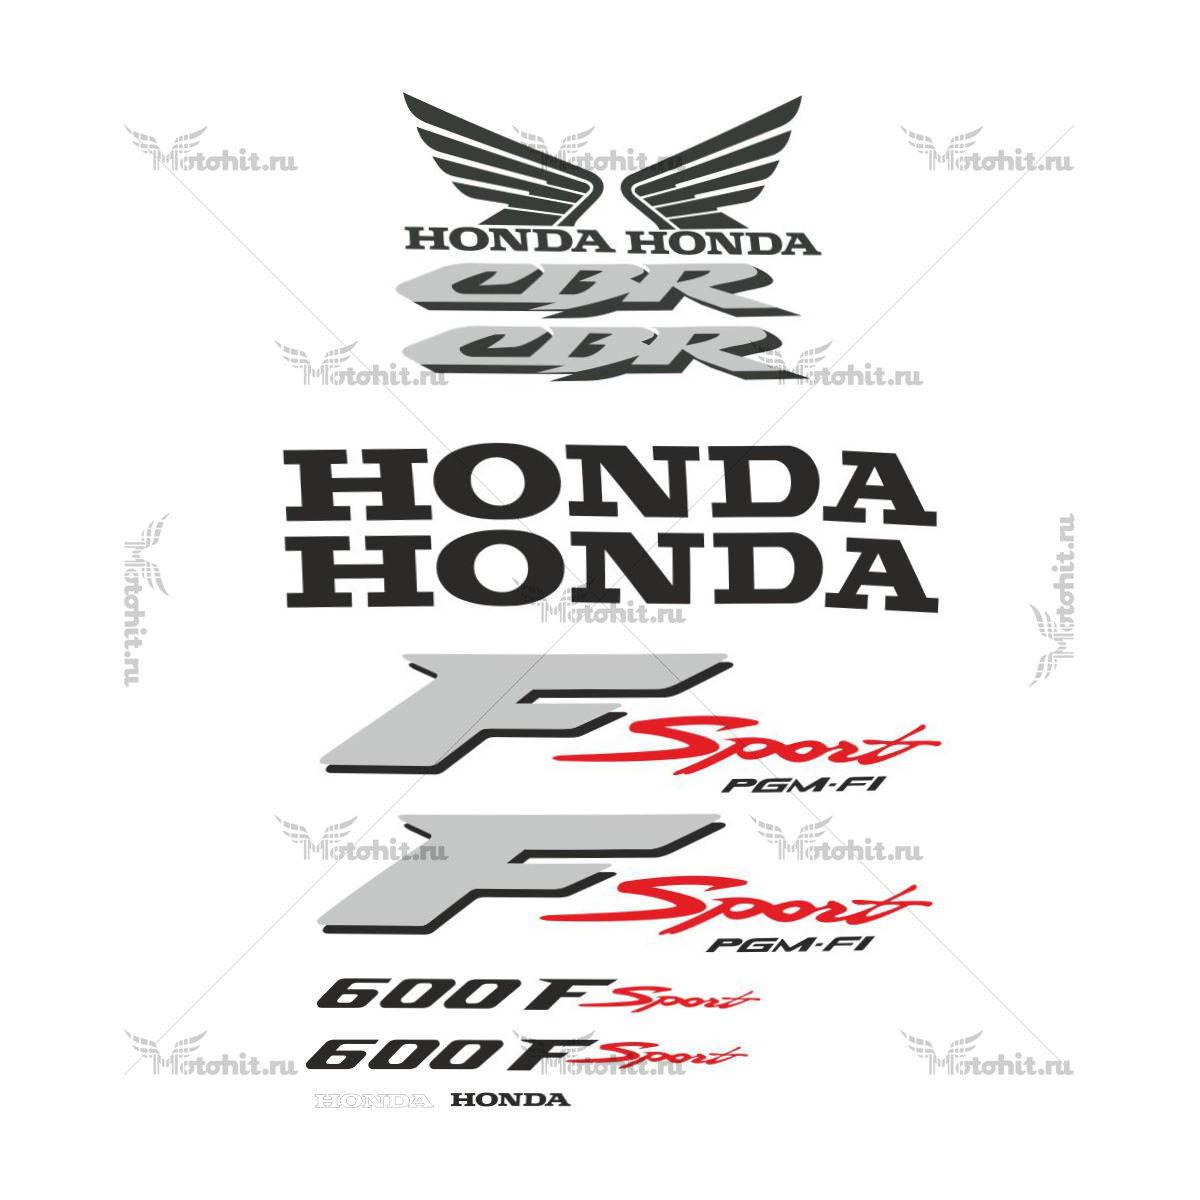 Комплект наклеек Honda CBR-600-F SPORT-2